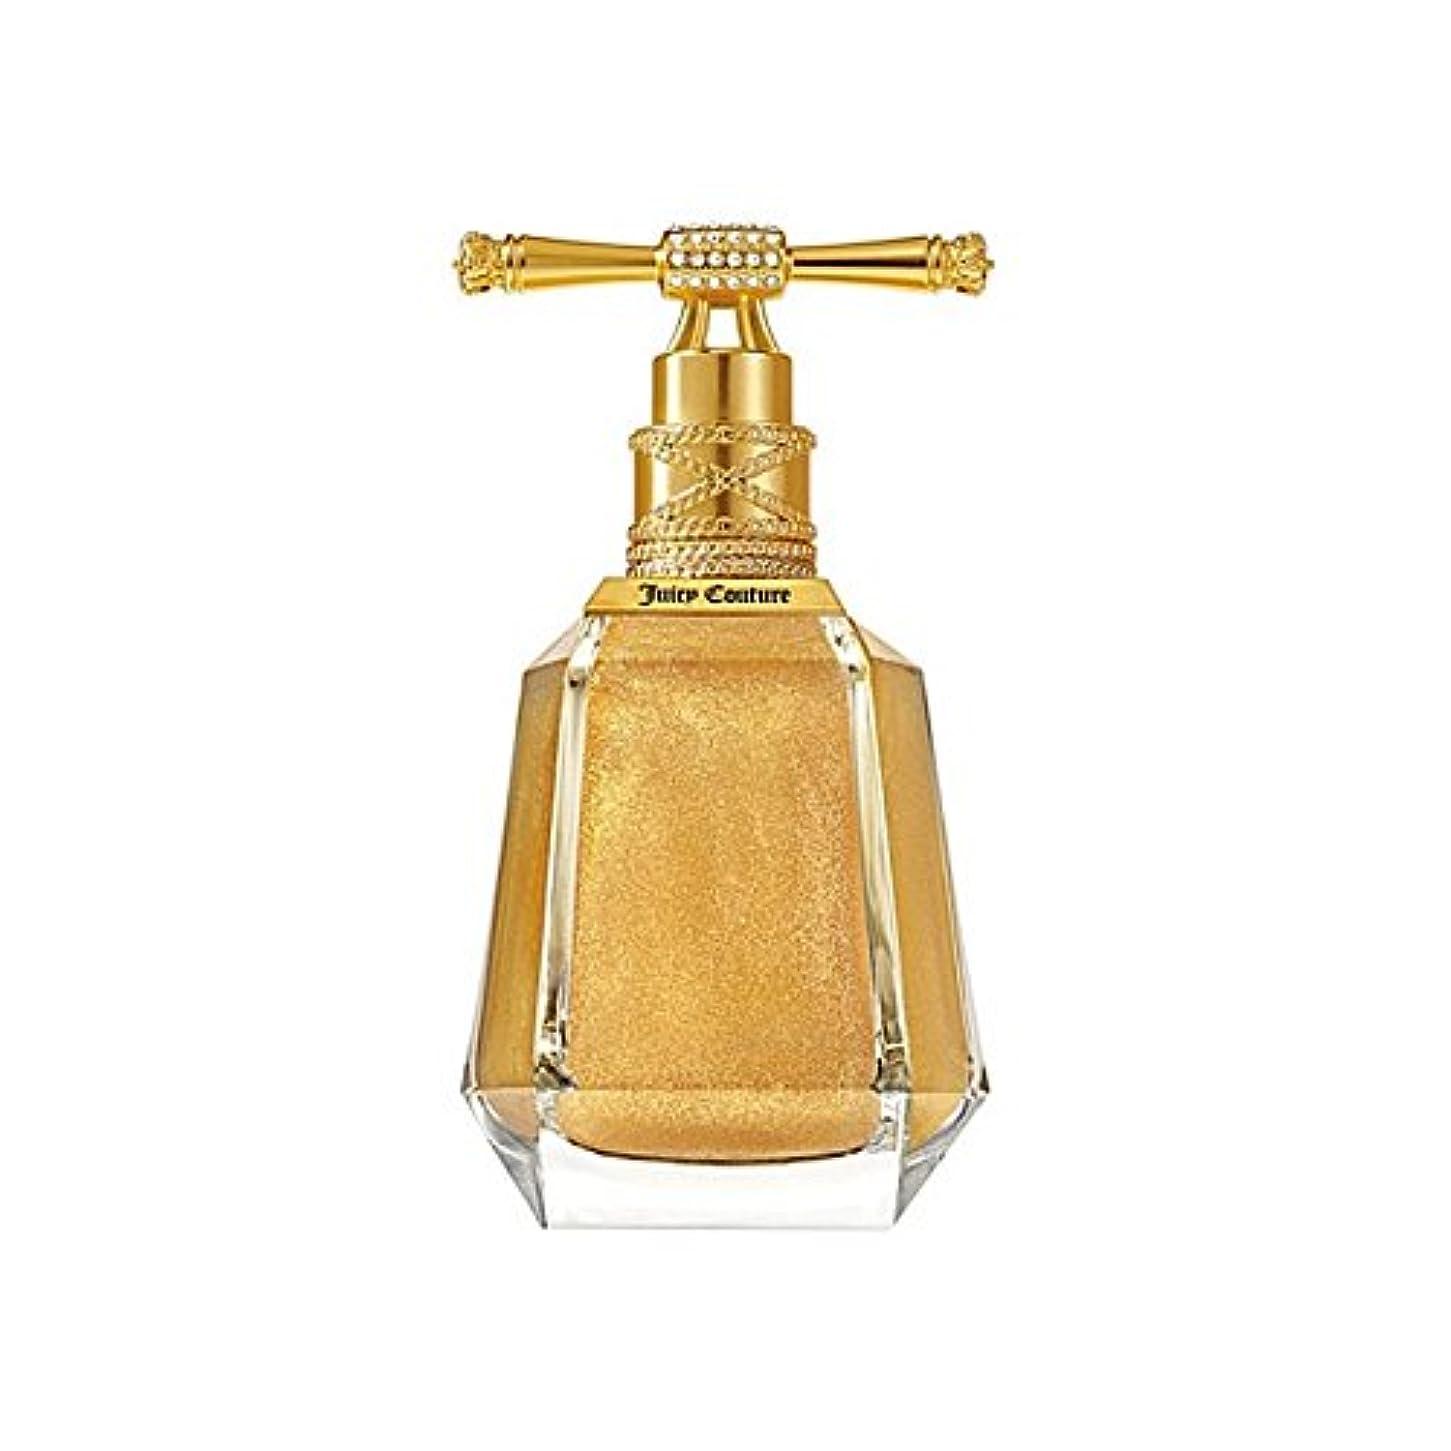 運河苦しめる重大ジューシークチュールドライオイルきらめきミスト100ミリリットル x4 - Juicy Couture Dry Oil Shimmer Mist 100ml (Pack of 4) [並行輸入品]